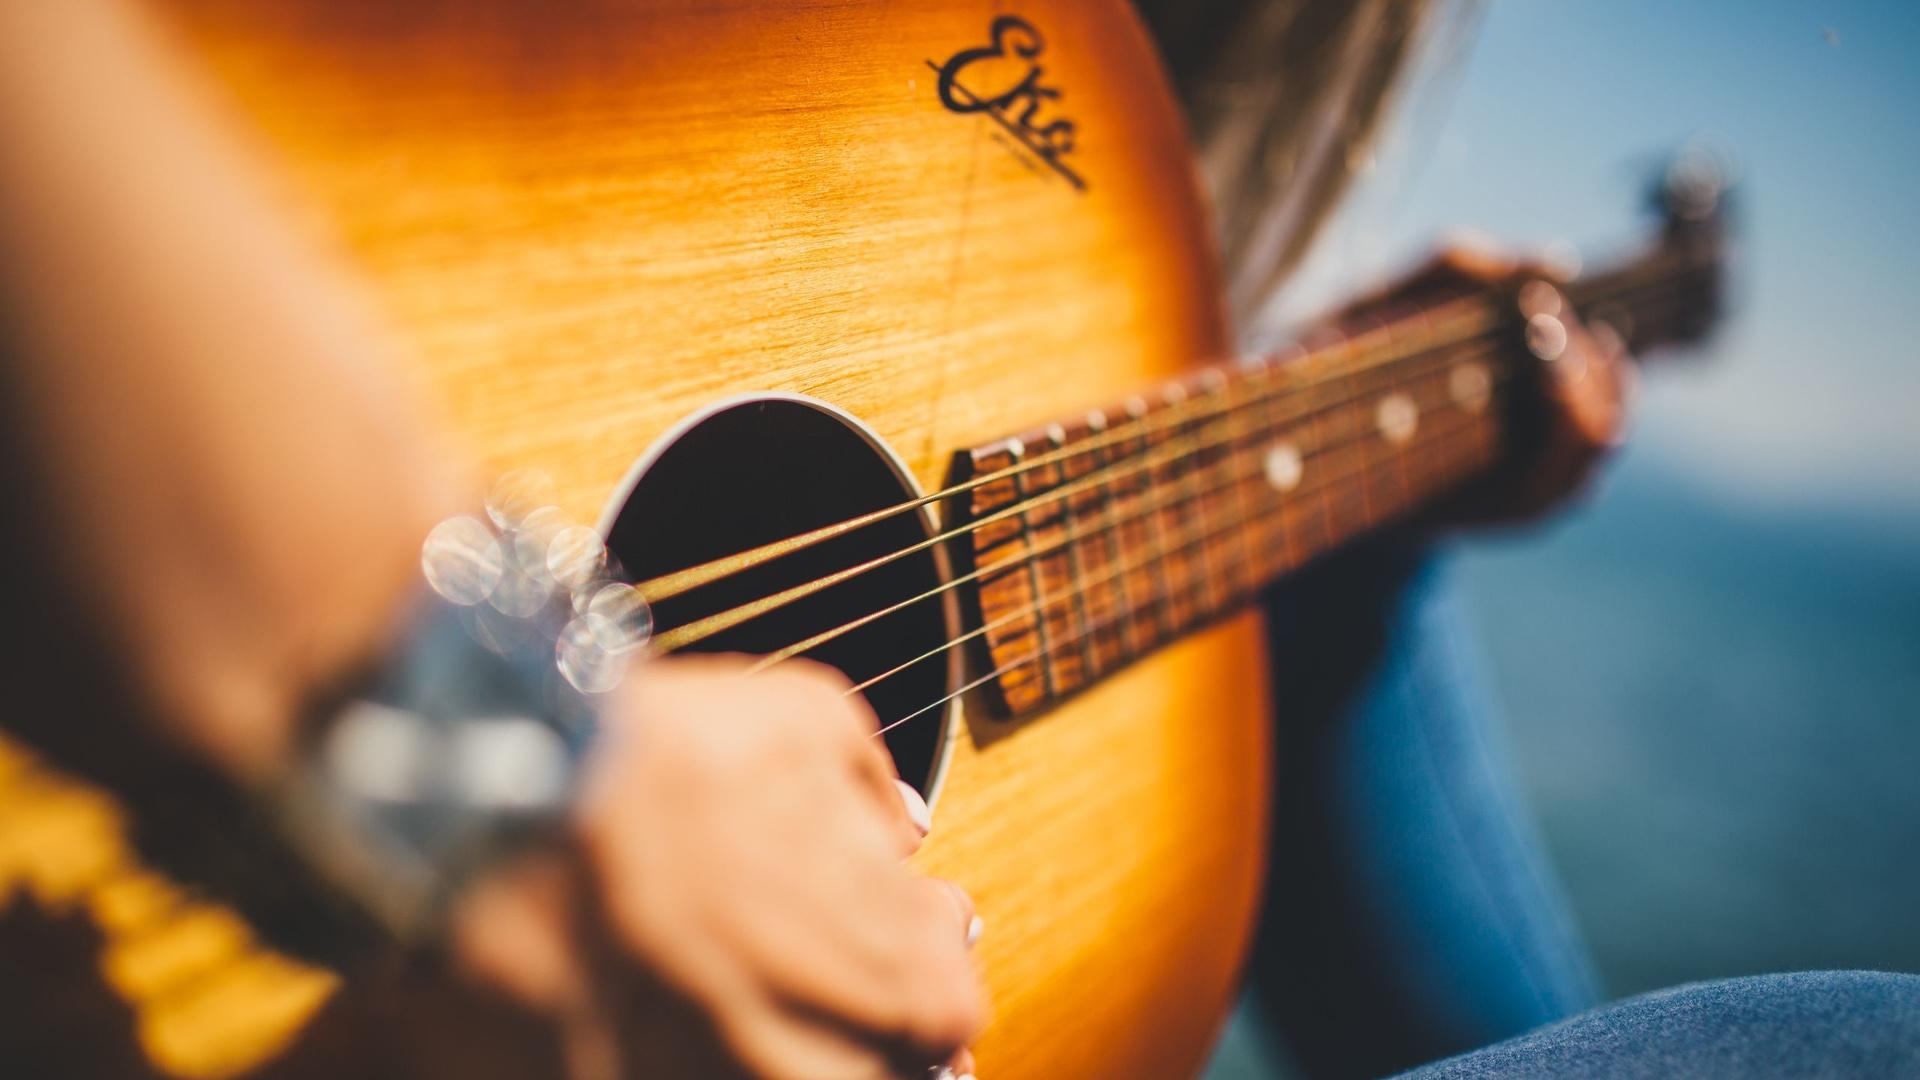 Musique guitare acoustique - wallpaper - Fond d'écran HD